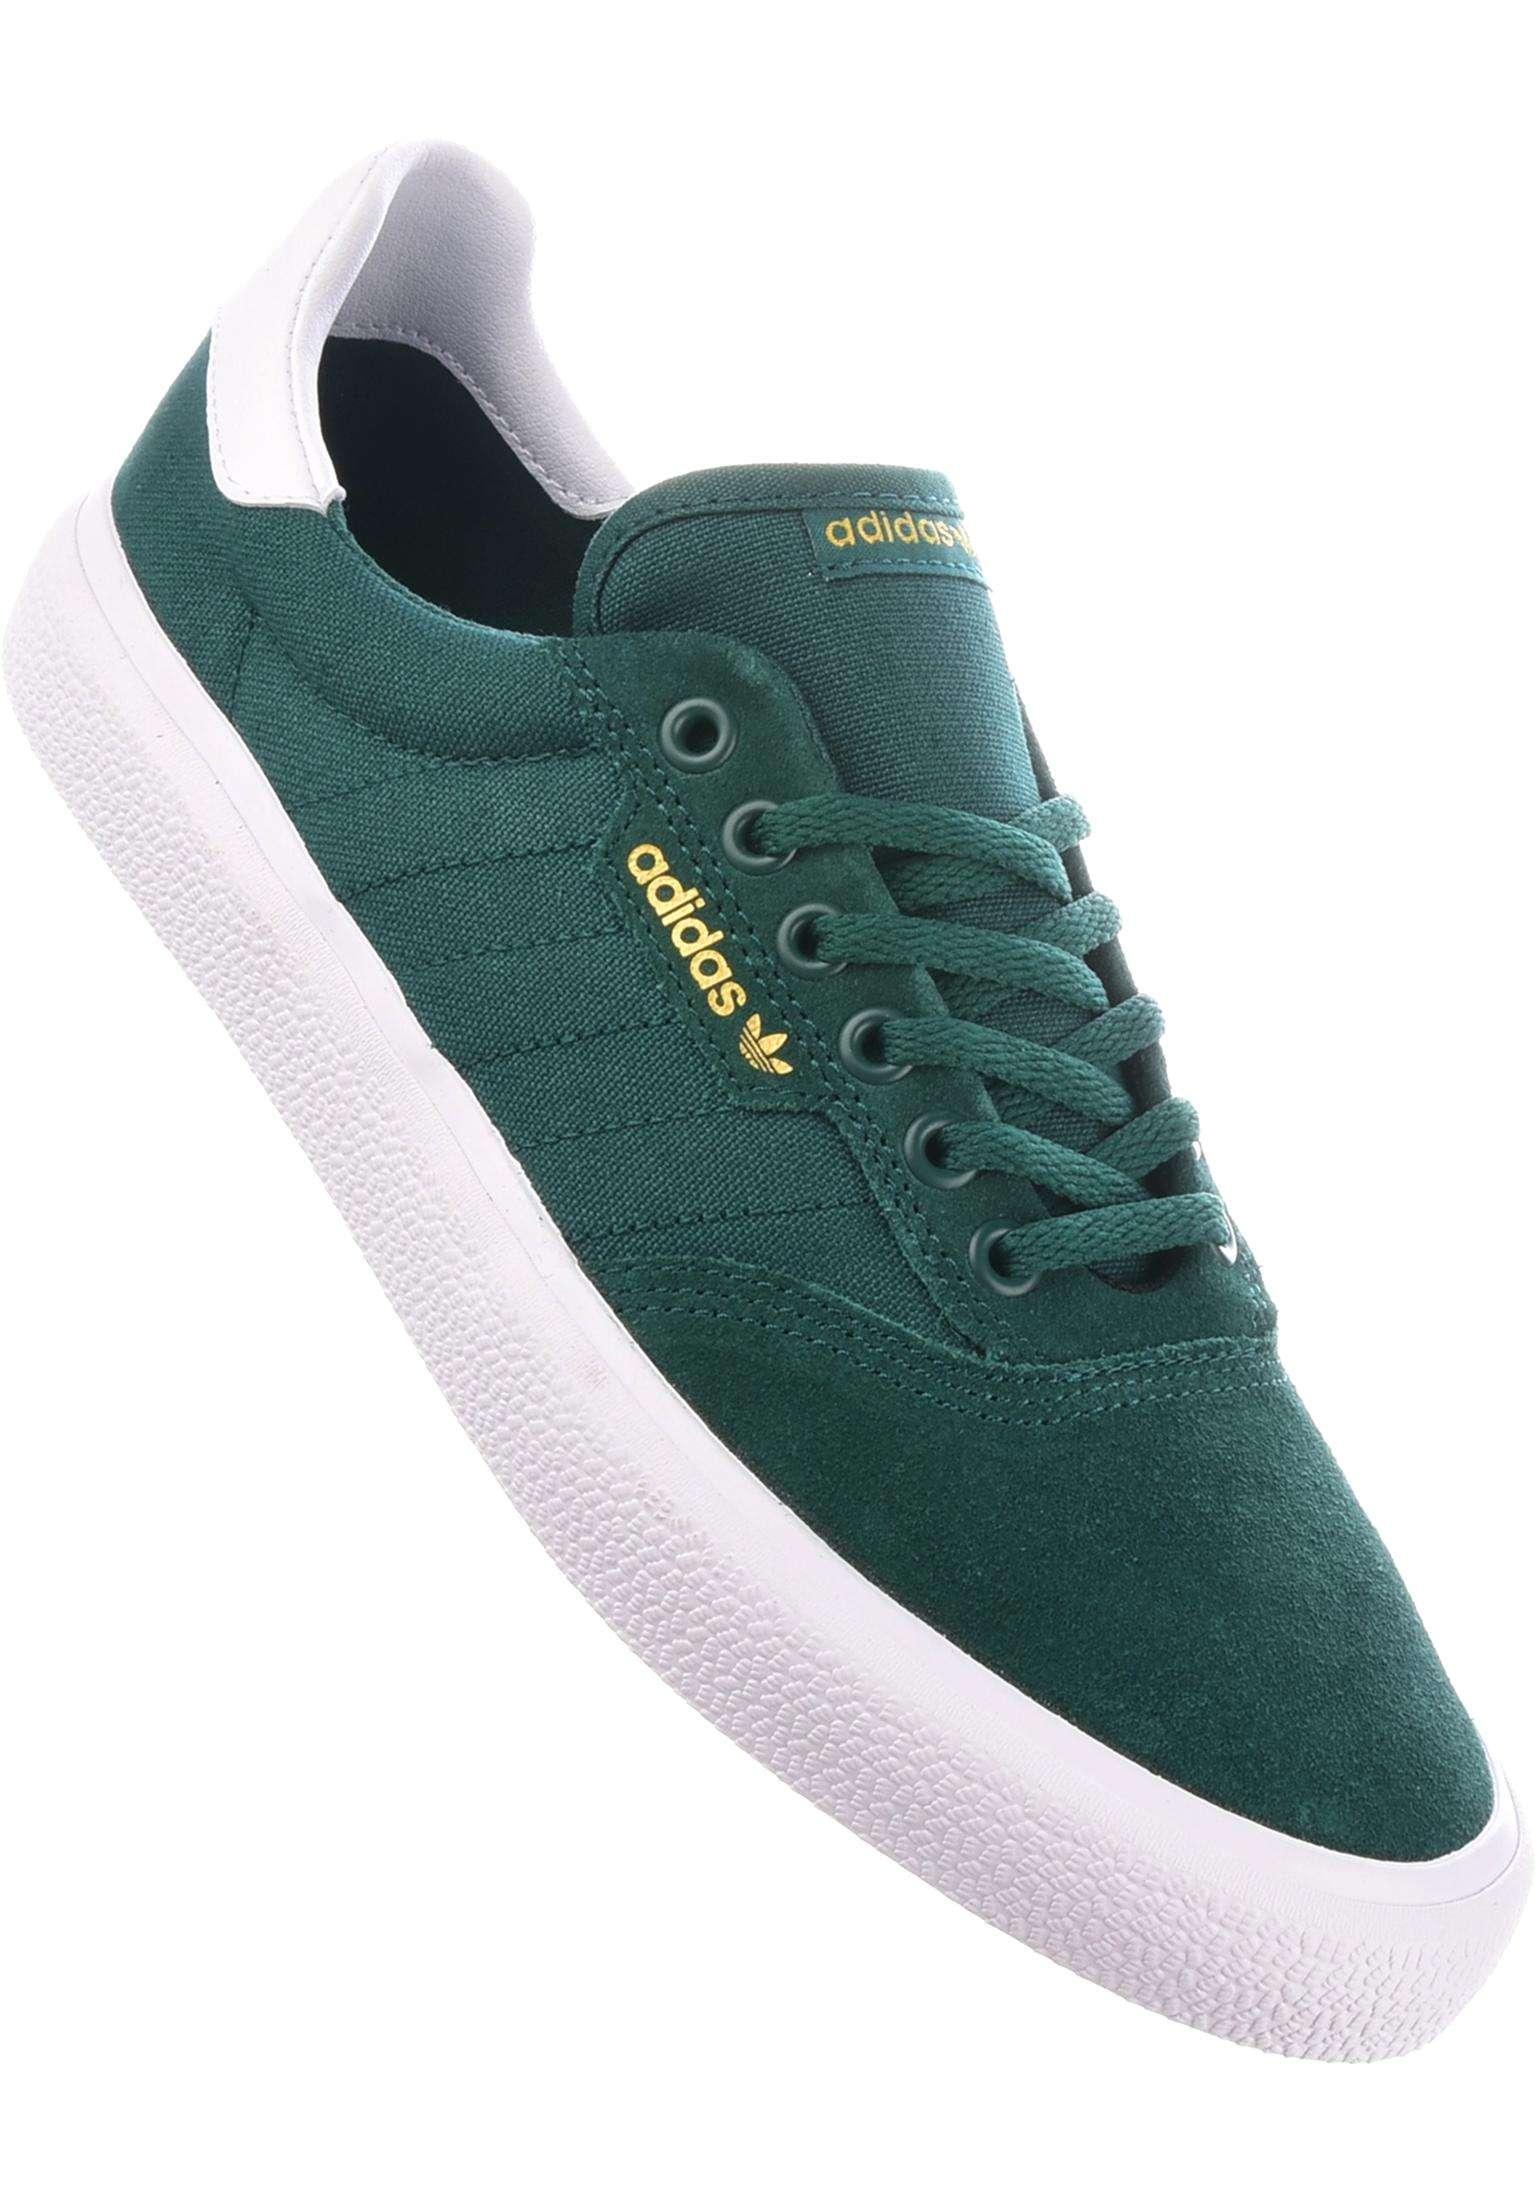 new product 7b2a4 50cb2 3MC adidas-skateboarding Todo el Calzado in collegiategreen-white-green für  Hombre   Titus